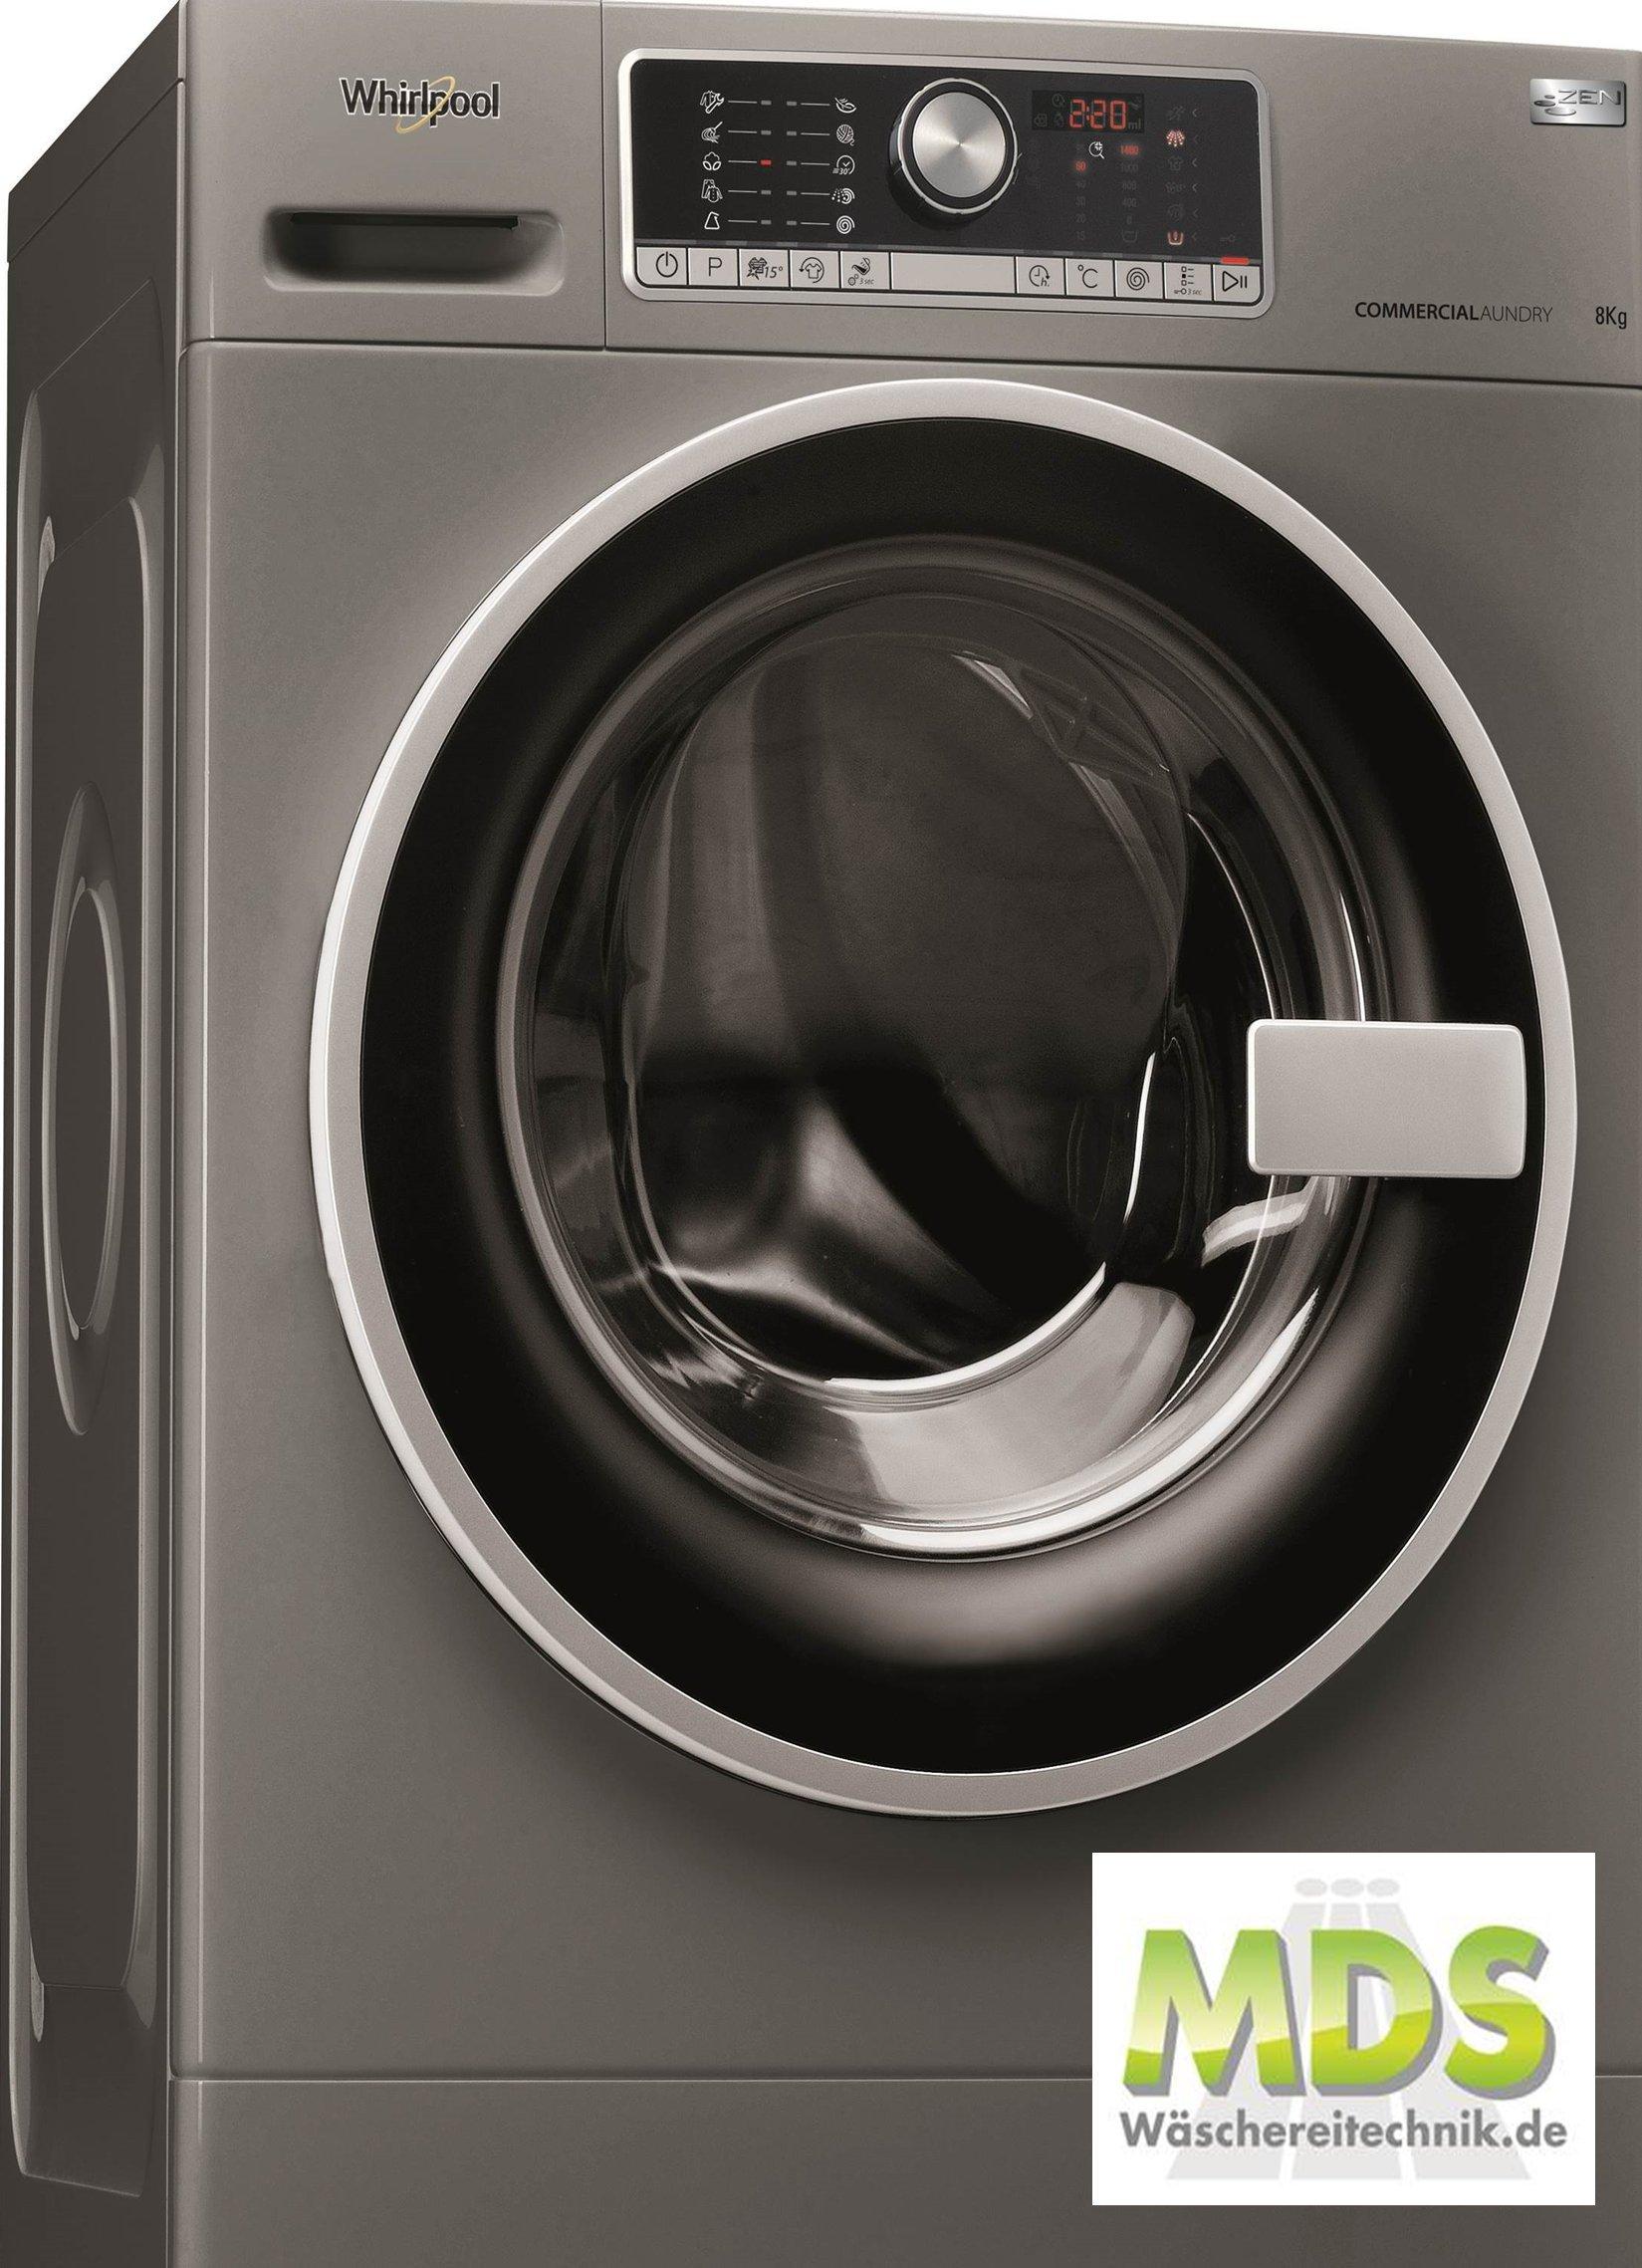 Whirlpool-AWG-812-S-Pro-Gewerbewaschmaschine-Fassungsvermgen-1200upm-Silber-Grau-8-KG